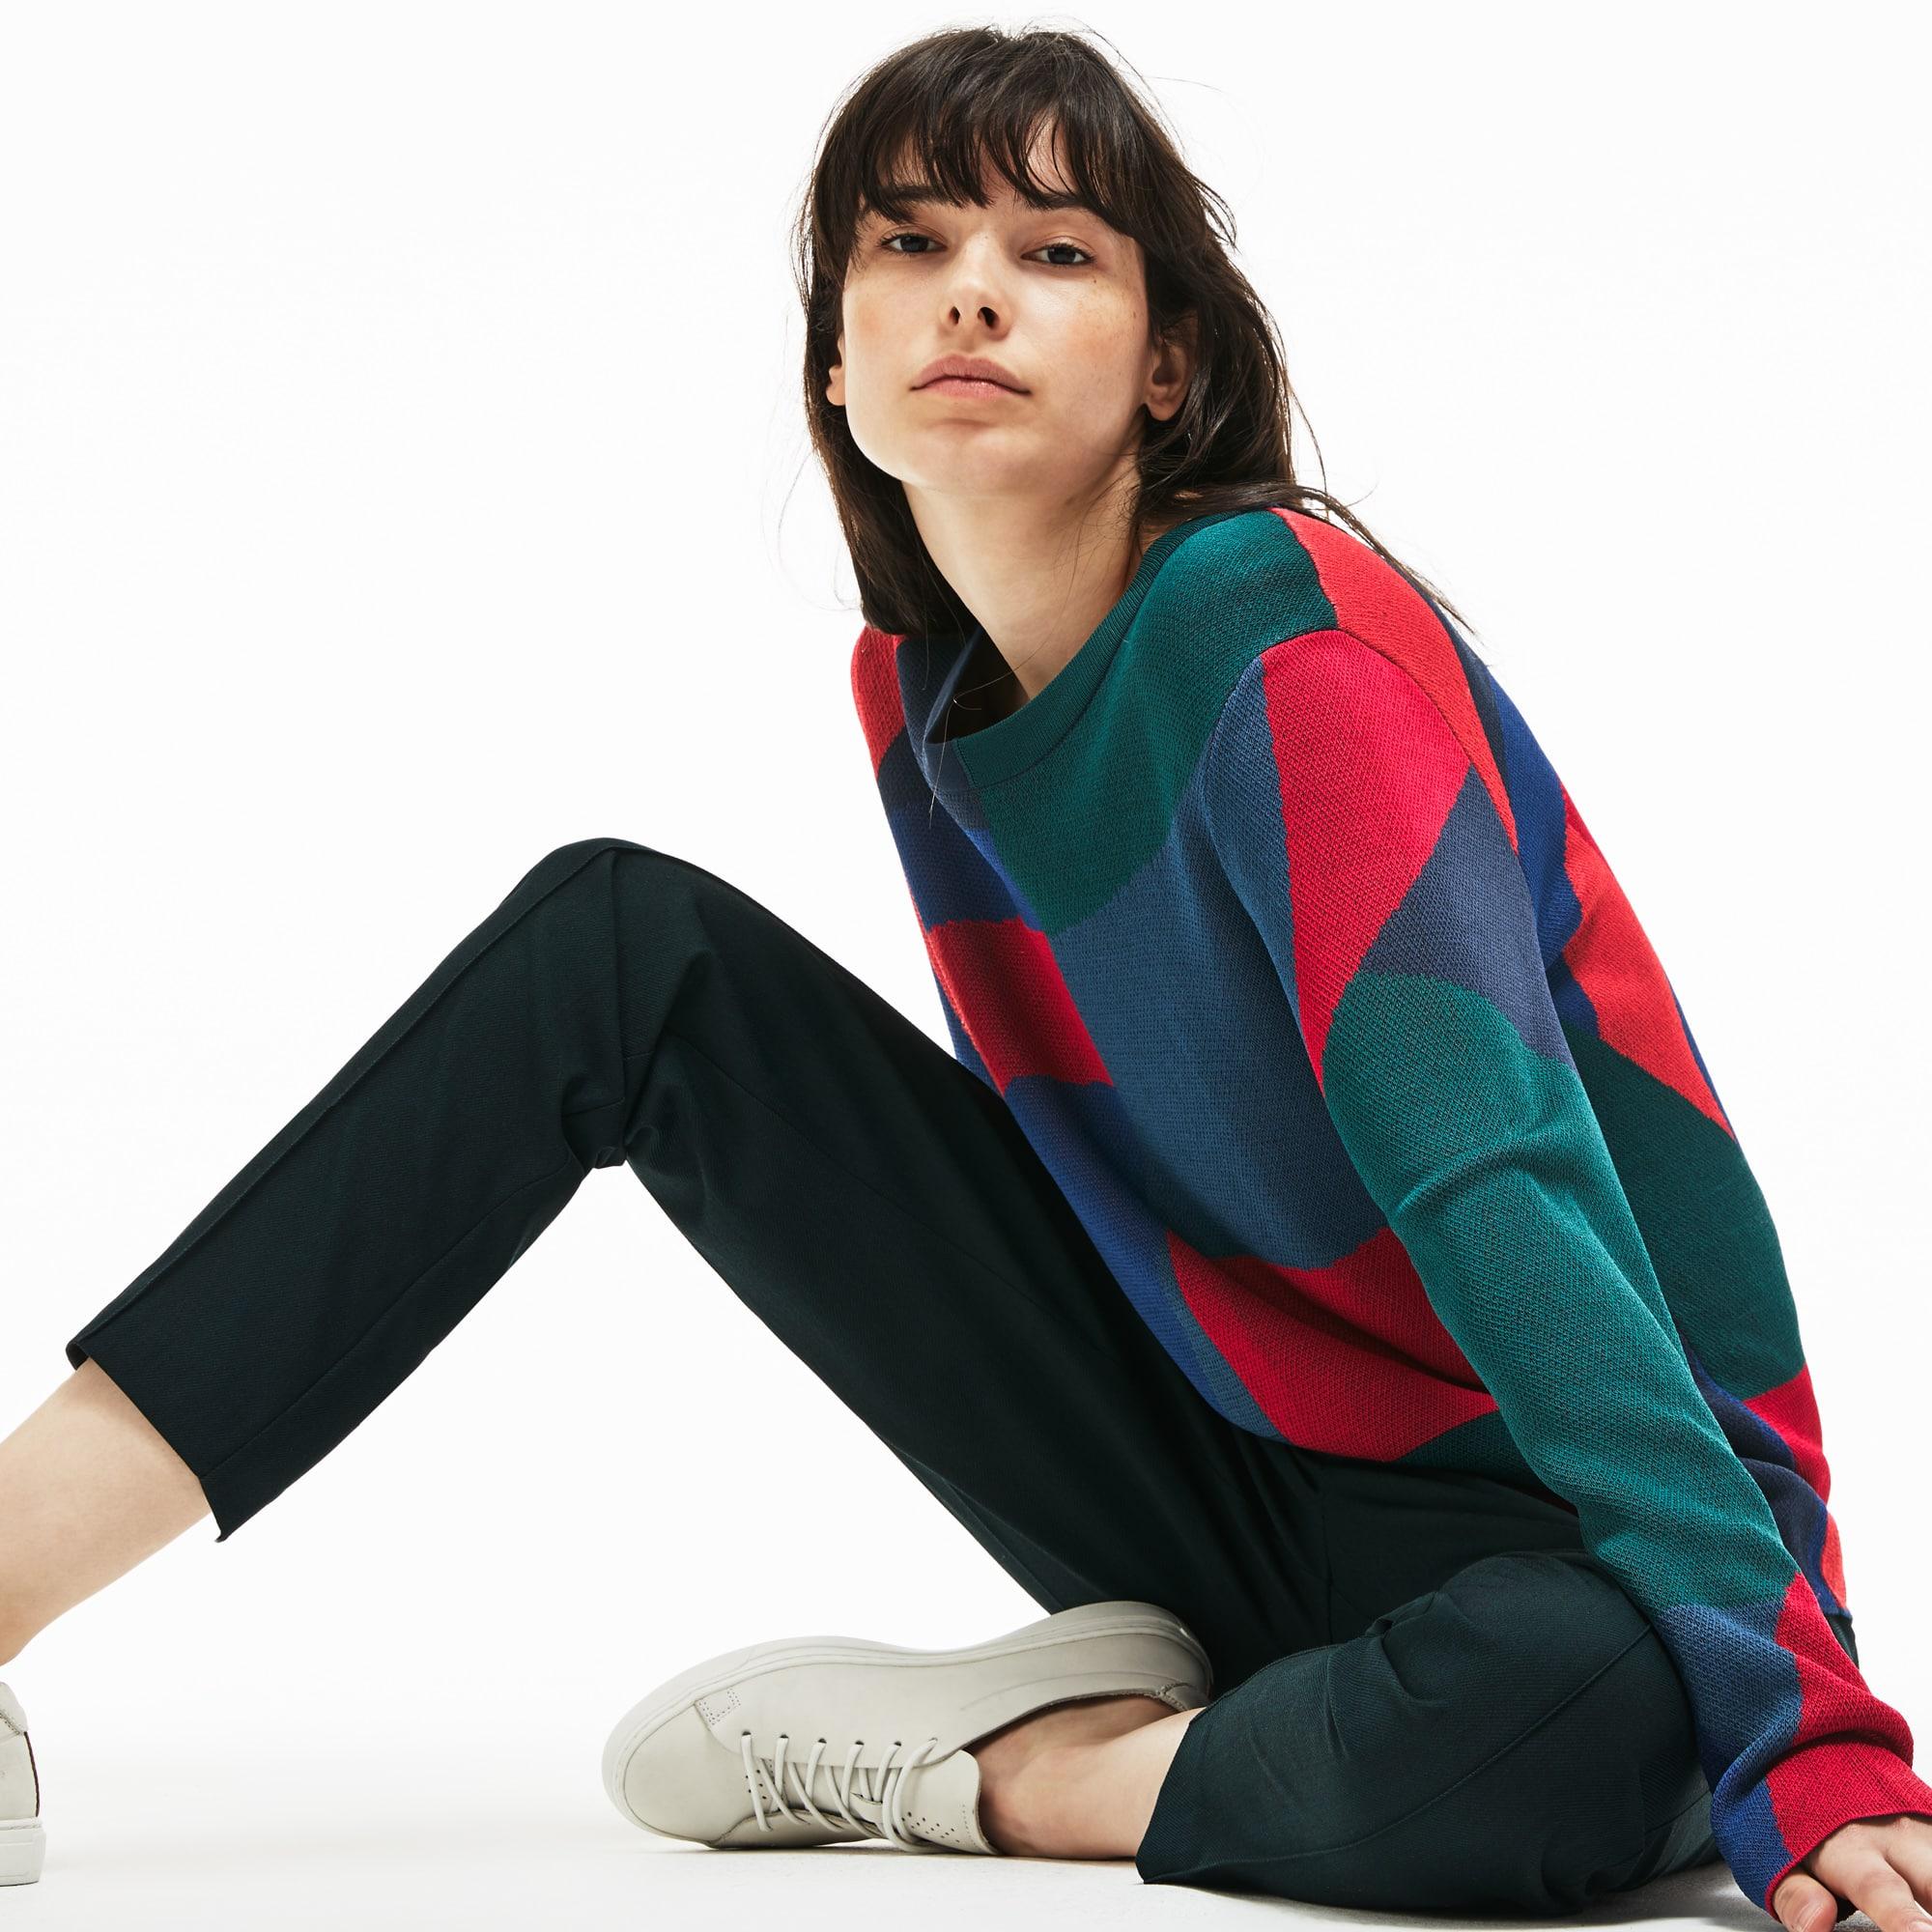 Damen Jacquard-Pullover mit Rundhals und Colorblock-Print